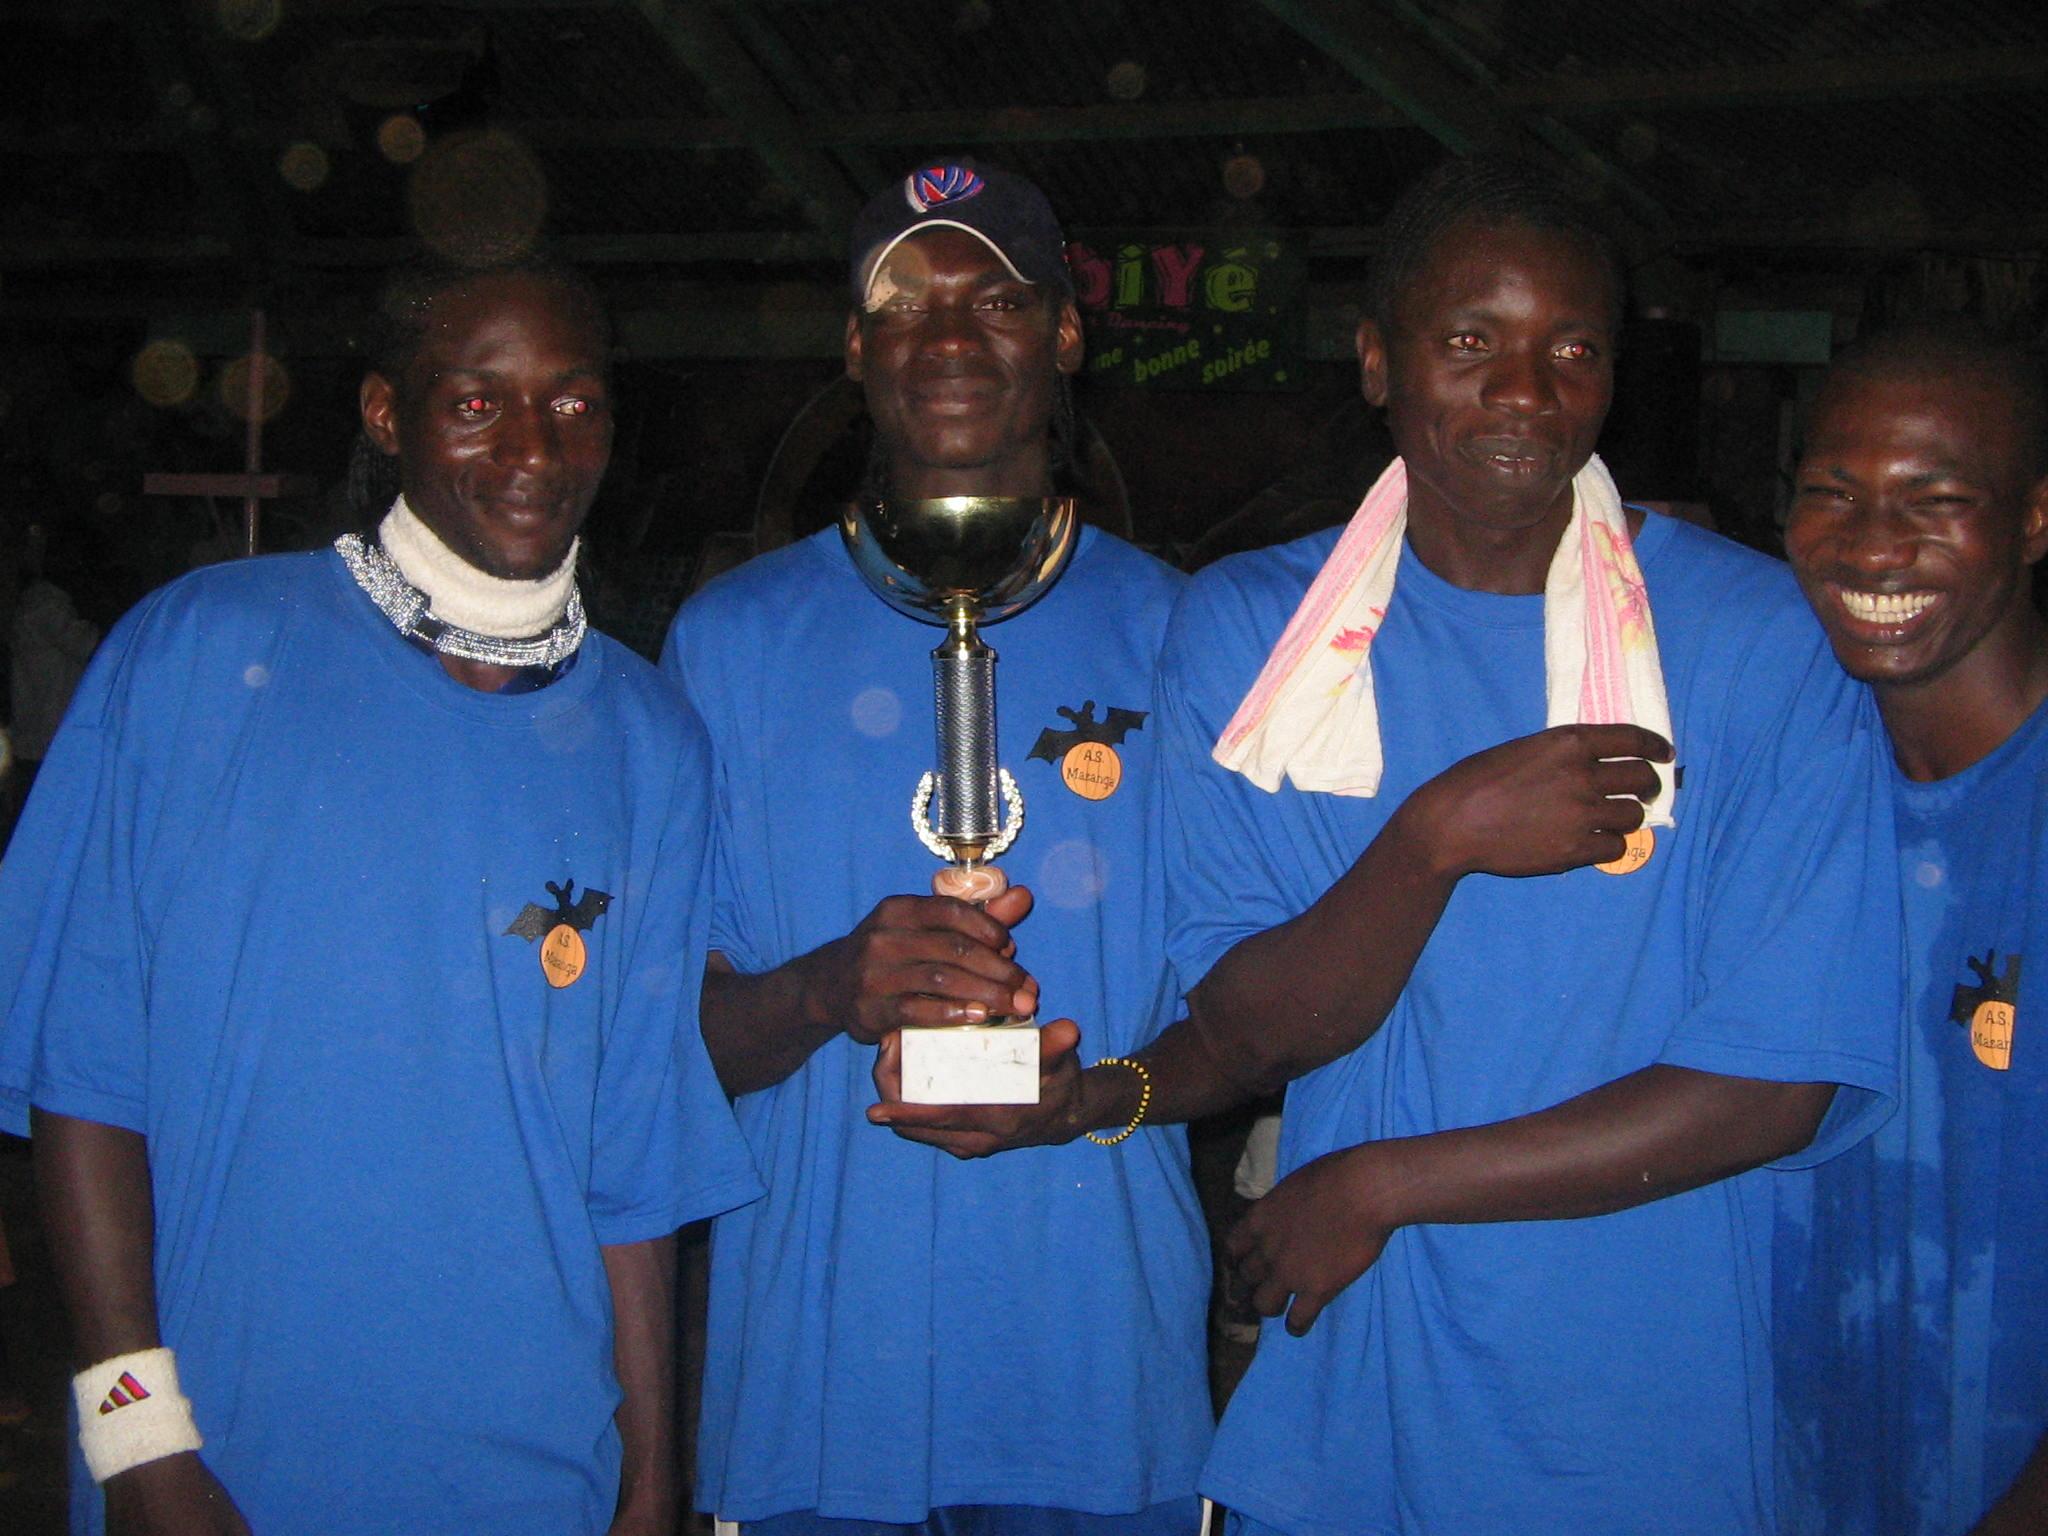 Mazanga 2006